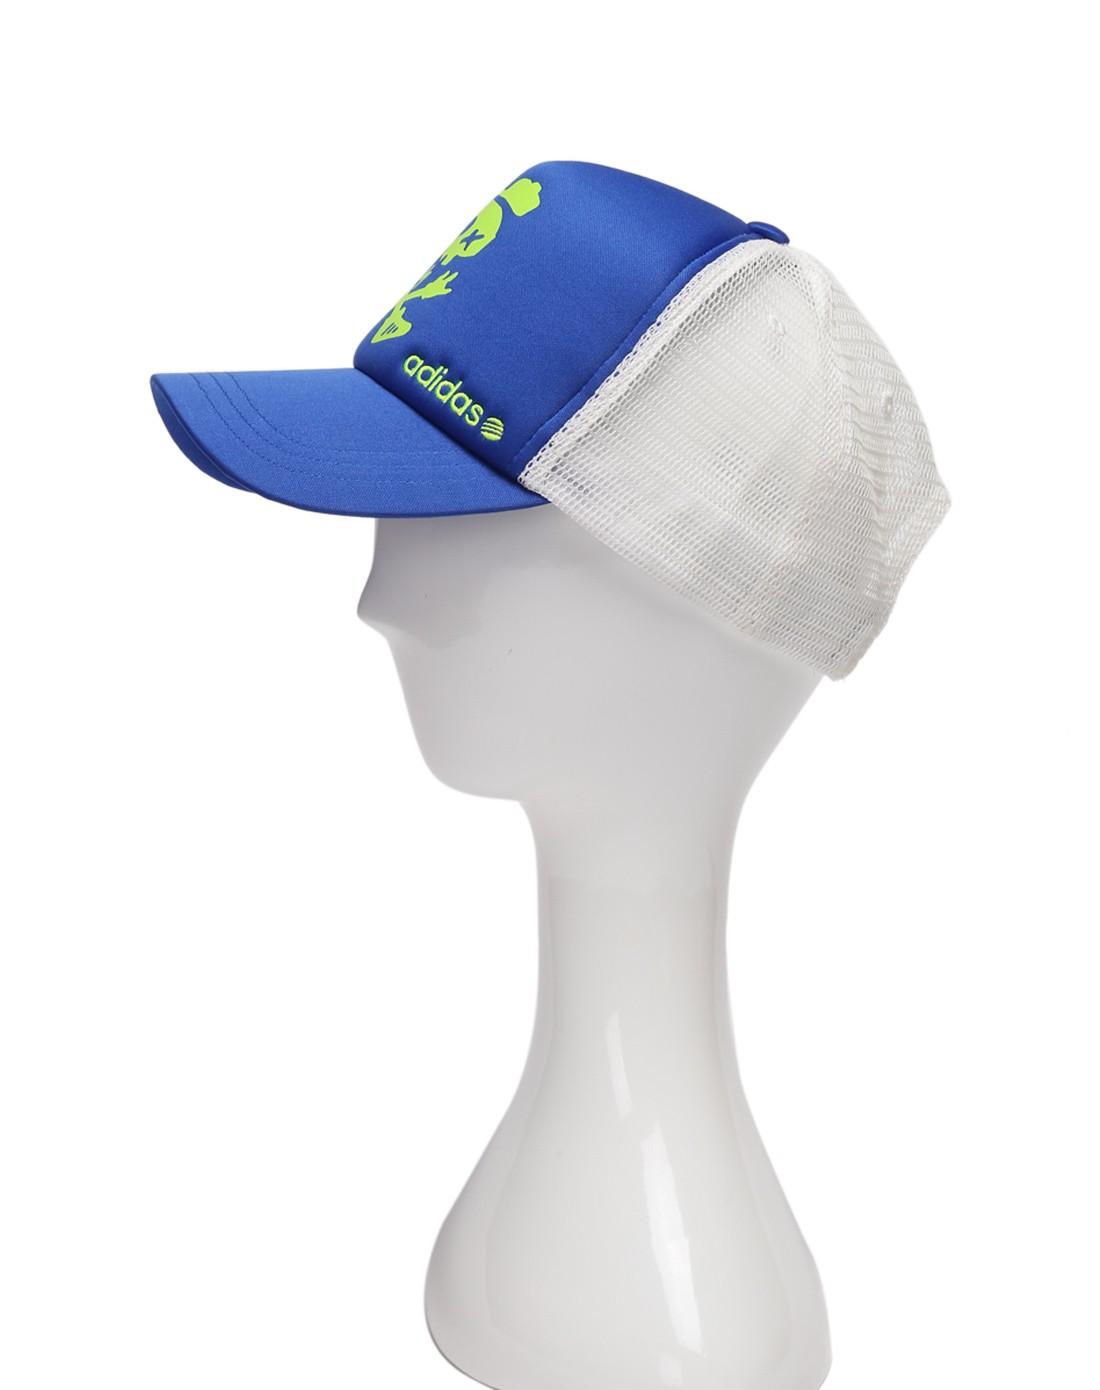 男款蓝/白色运动休闲系列帽子